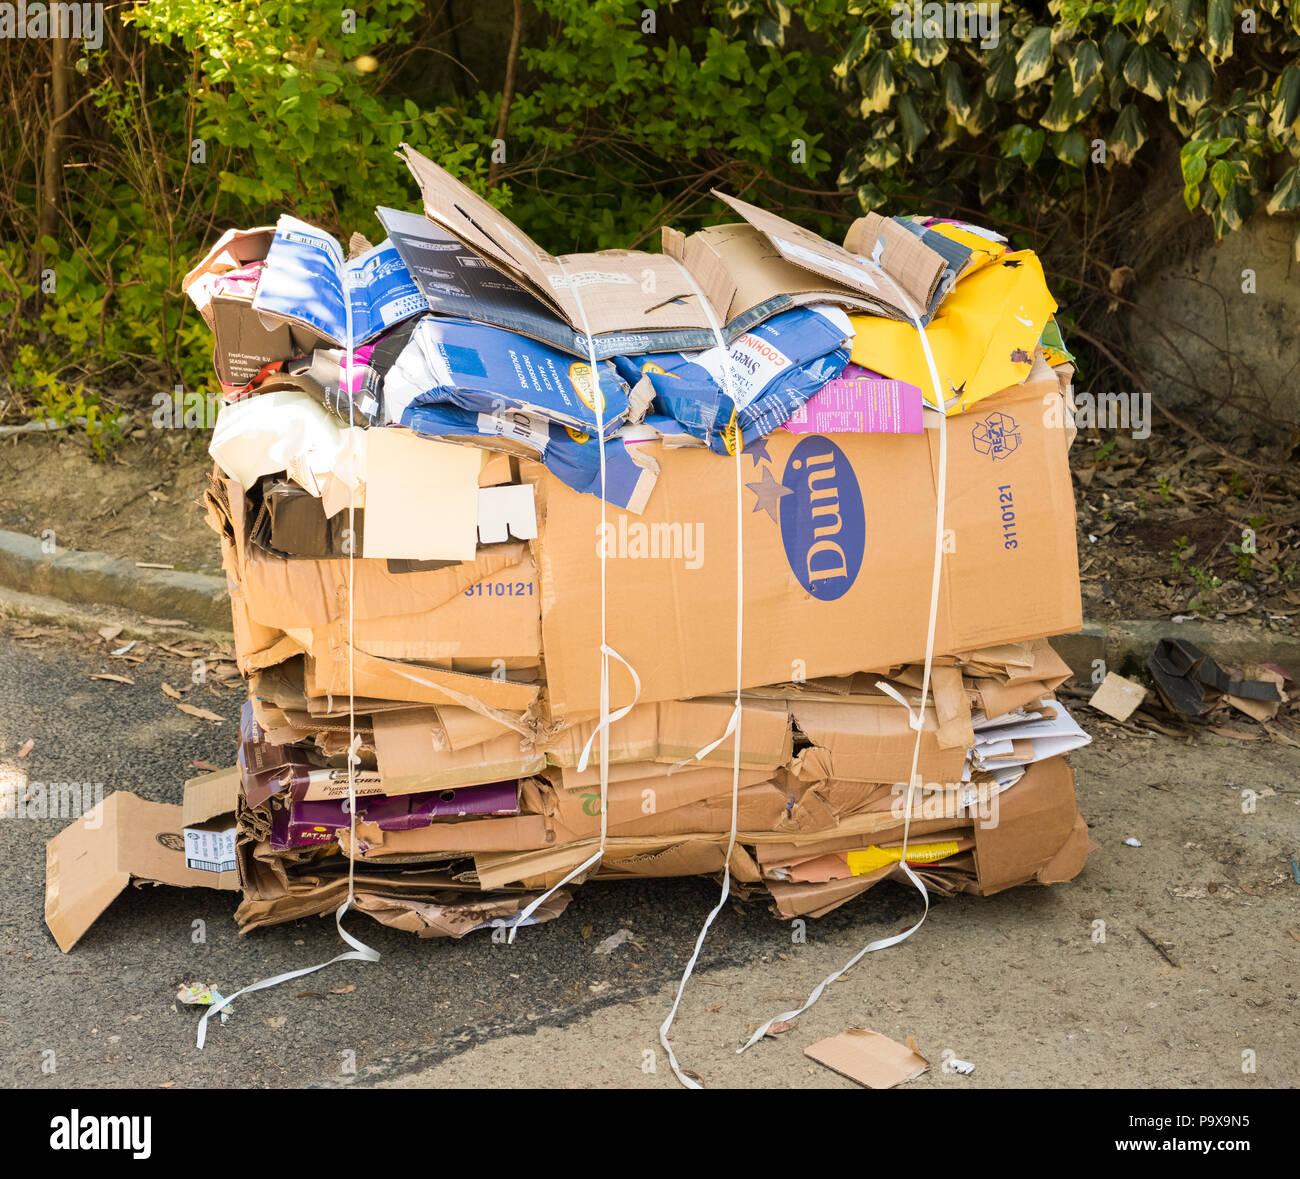 Boîtes de carton aplati et empilés pour la collecte sélective, en Angleterre, Royaume-Uni Photo Stock